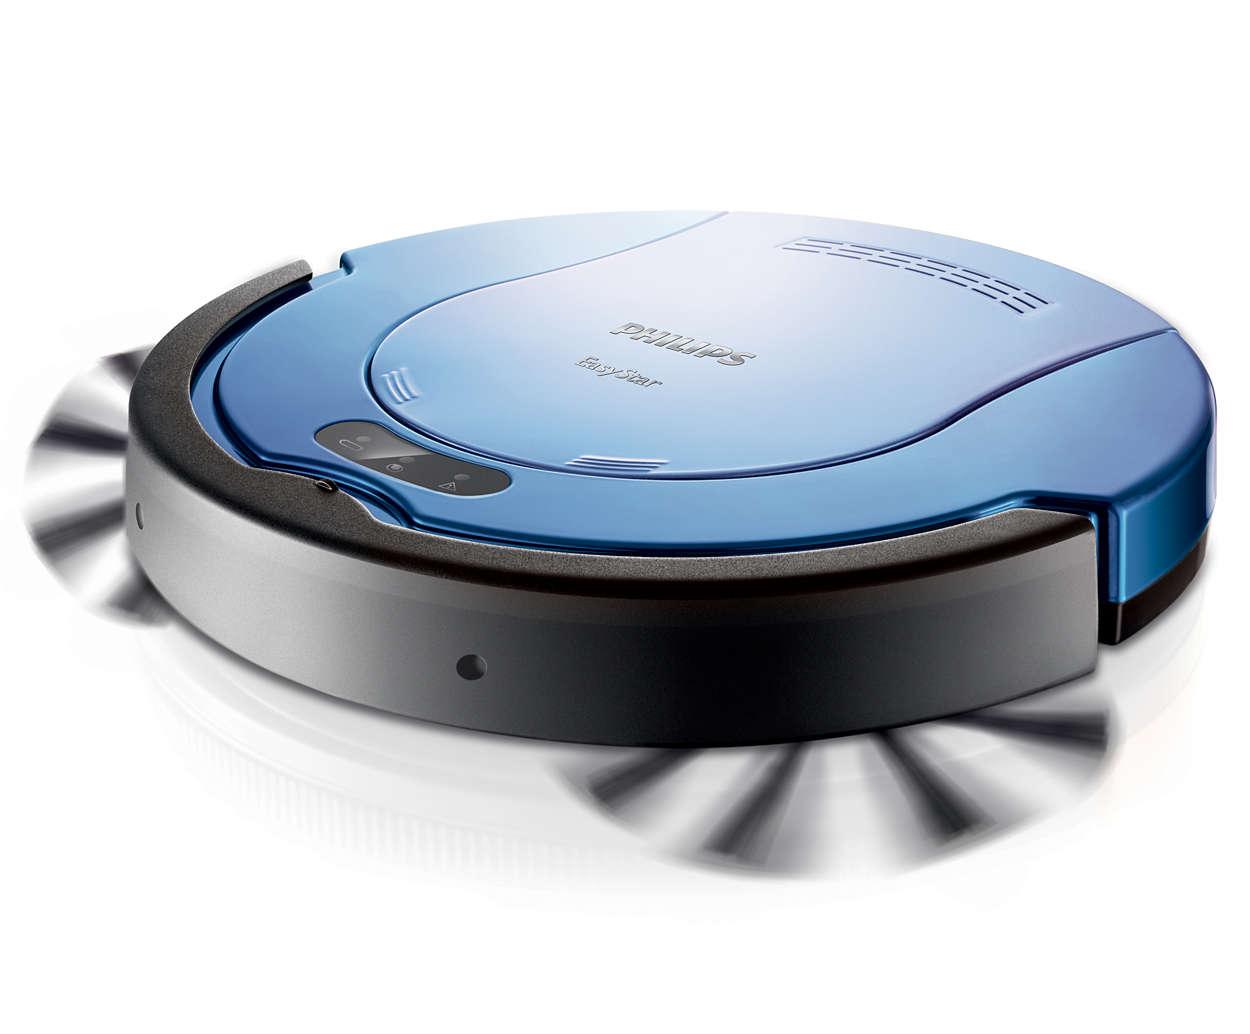 Robot Vacuum Cleaner Fc8800 01 Philips